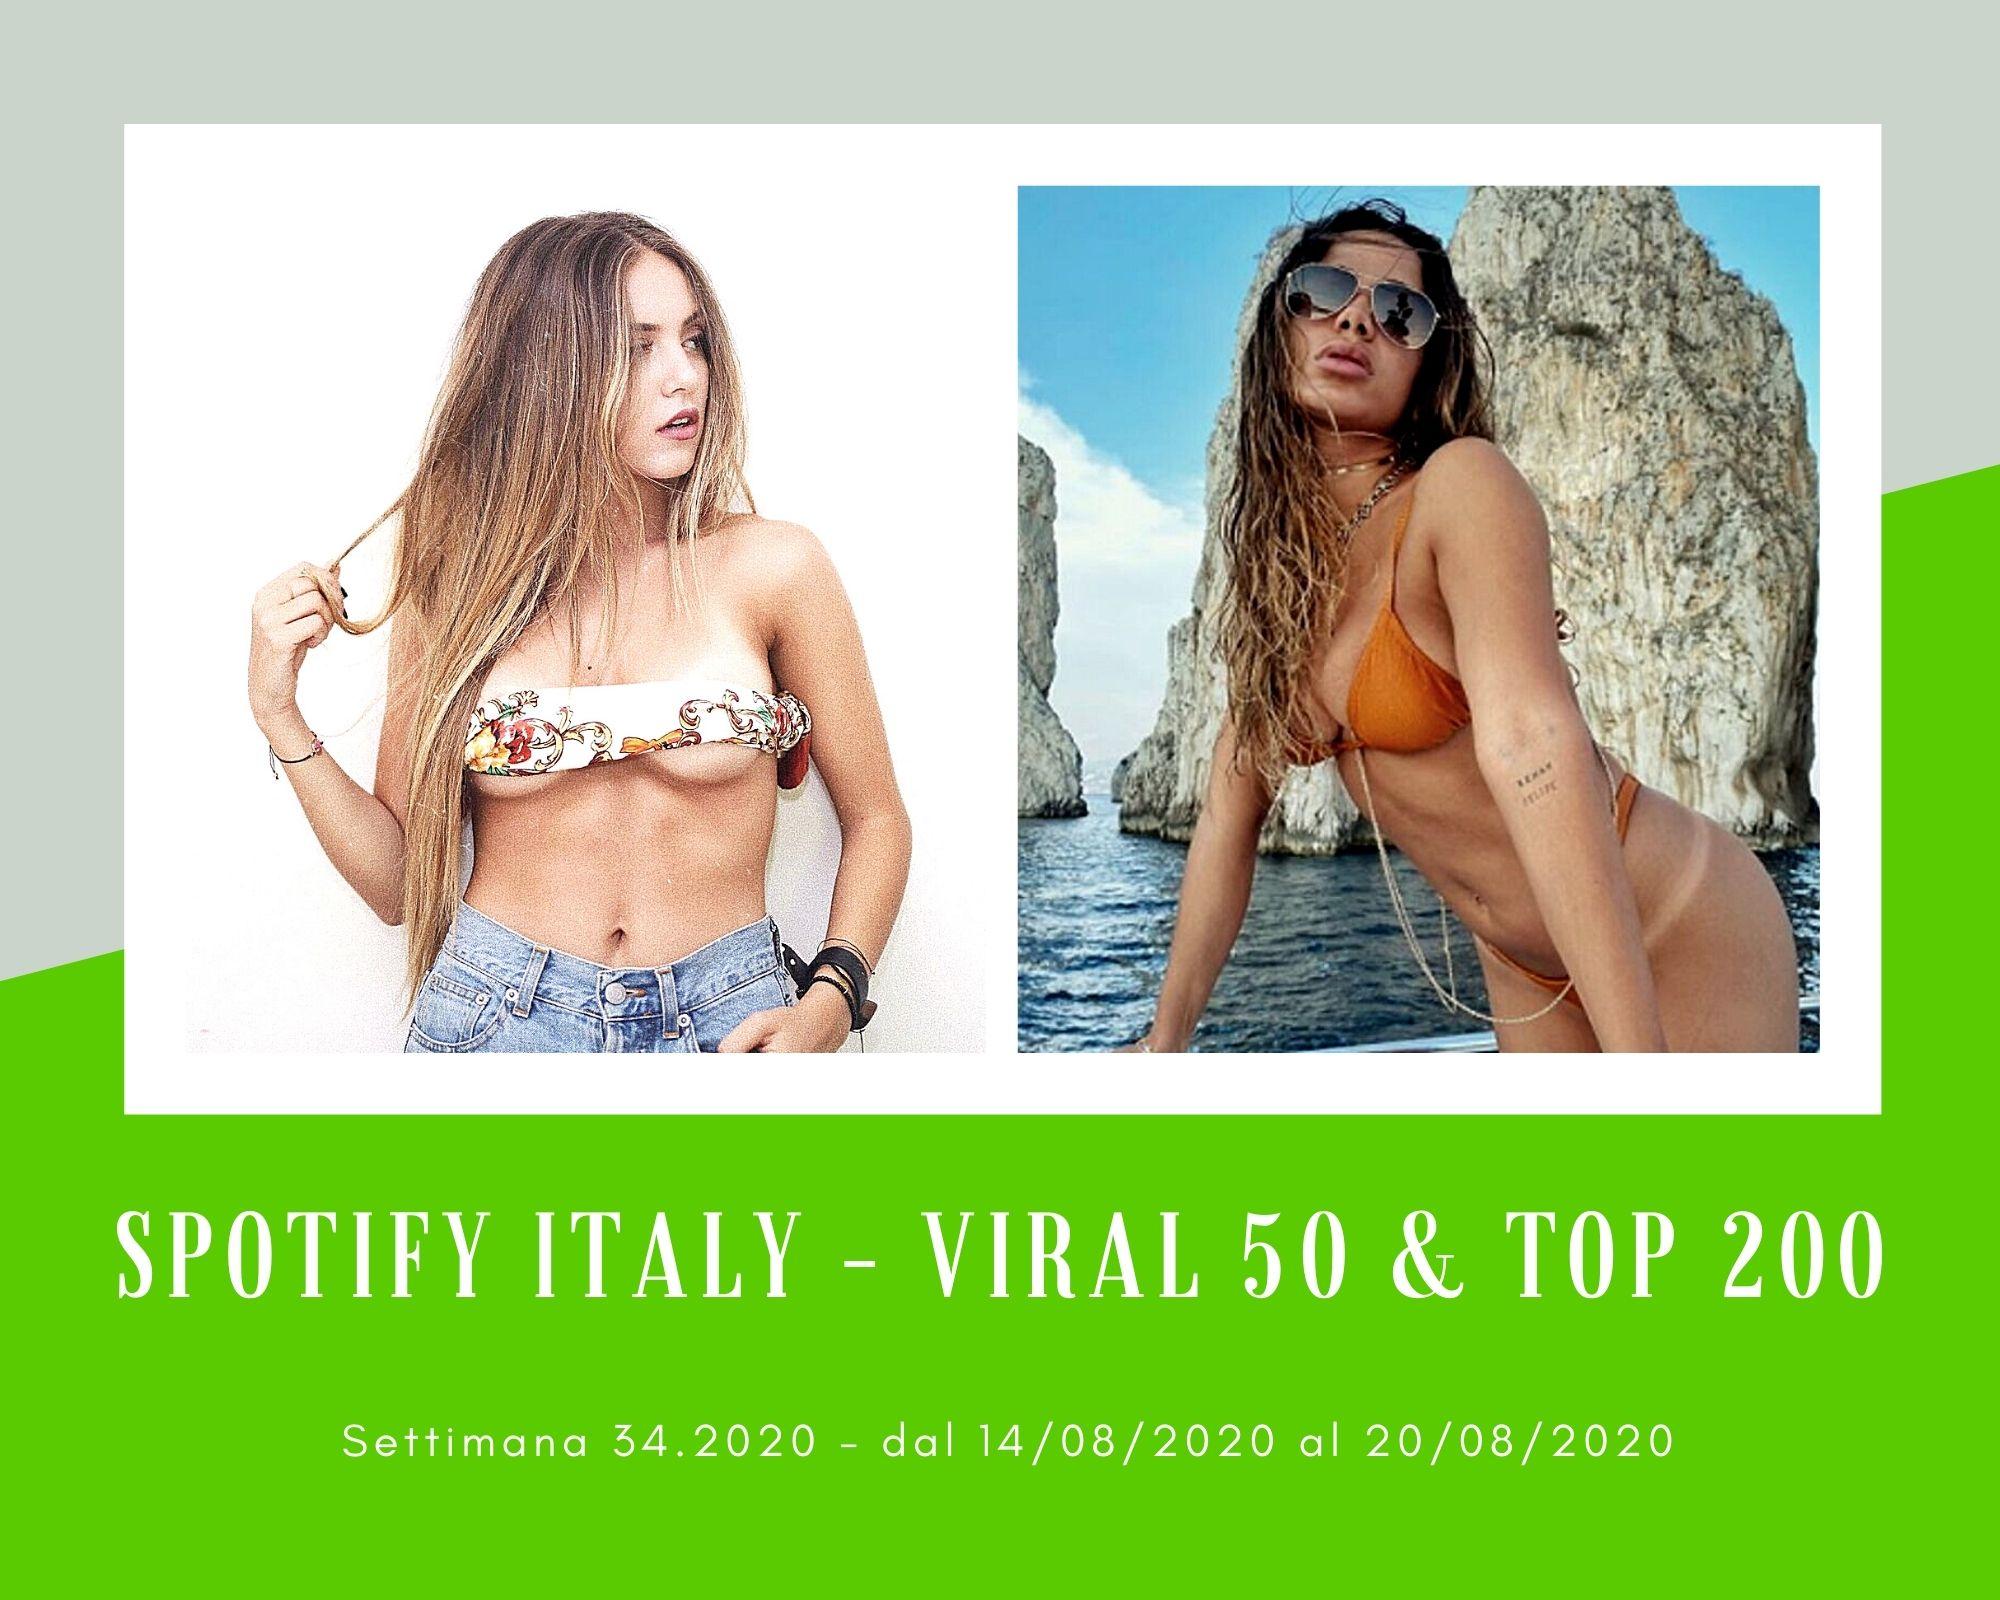 Classifica Spotify, week 34: Italiani pazzi per le straniere Ana Mena e Anitta. Claudio Dodoi spopola, Emma Muscat sale